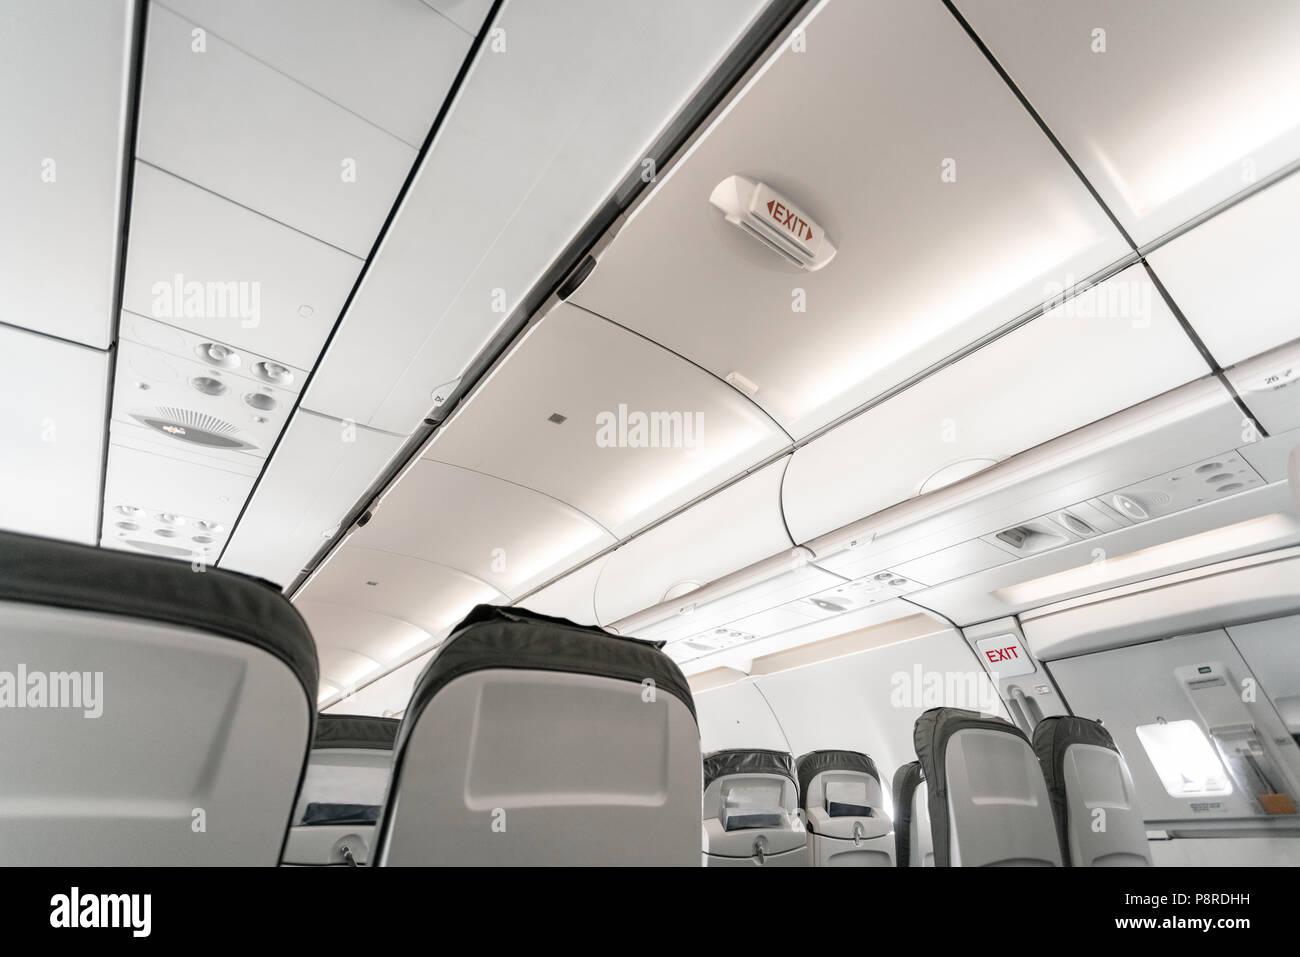 Salida de emergencia en una aeronave, vista desde el interior del avión. Los asientos de los aviones vacíos en la cabina. Concepto de transporte moderno. Los aviones de larga distancia de vuelo internacional Foto de stock